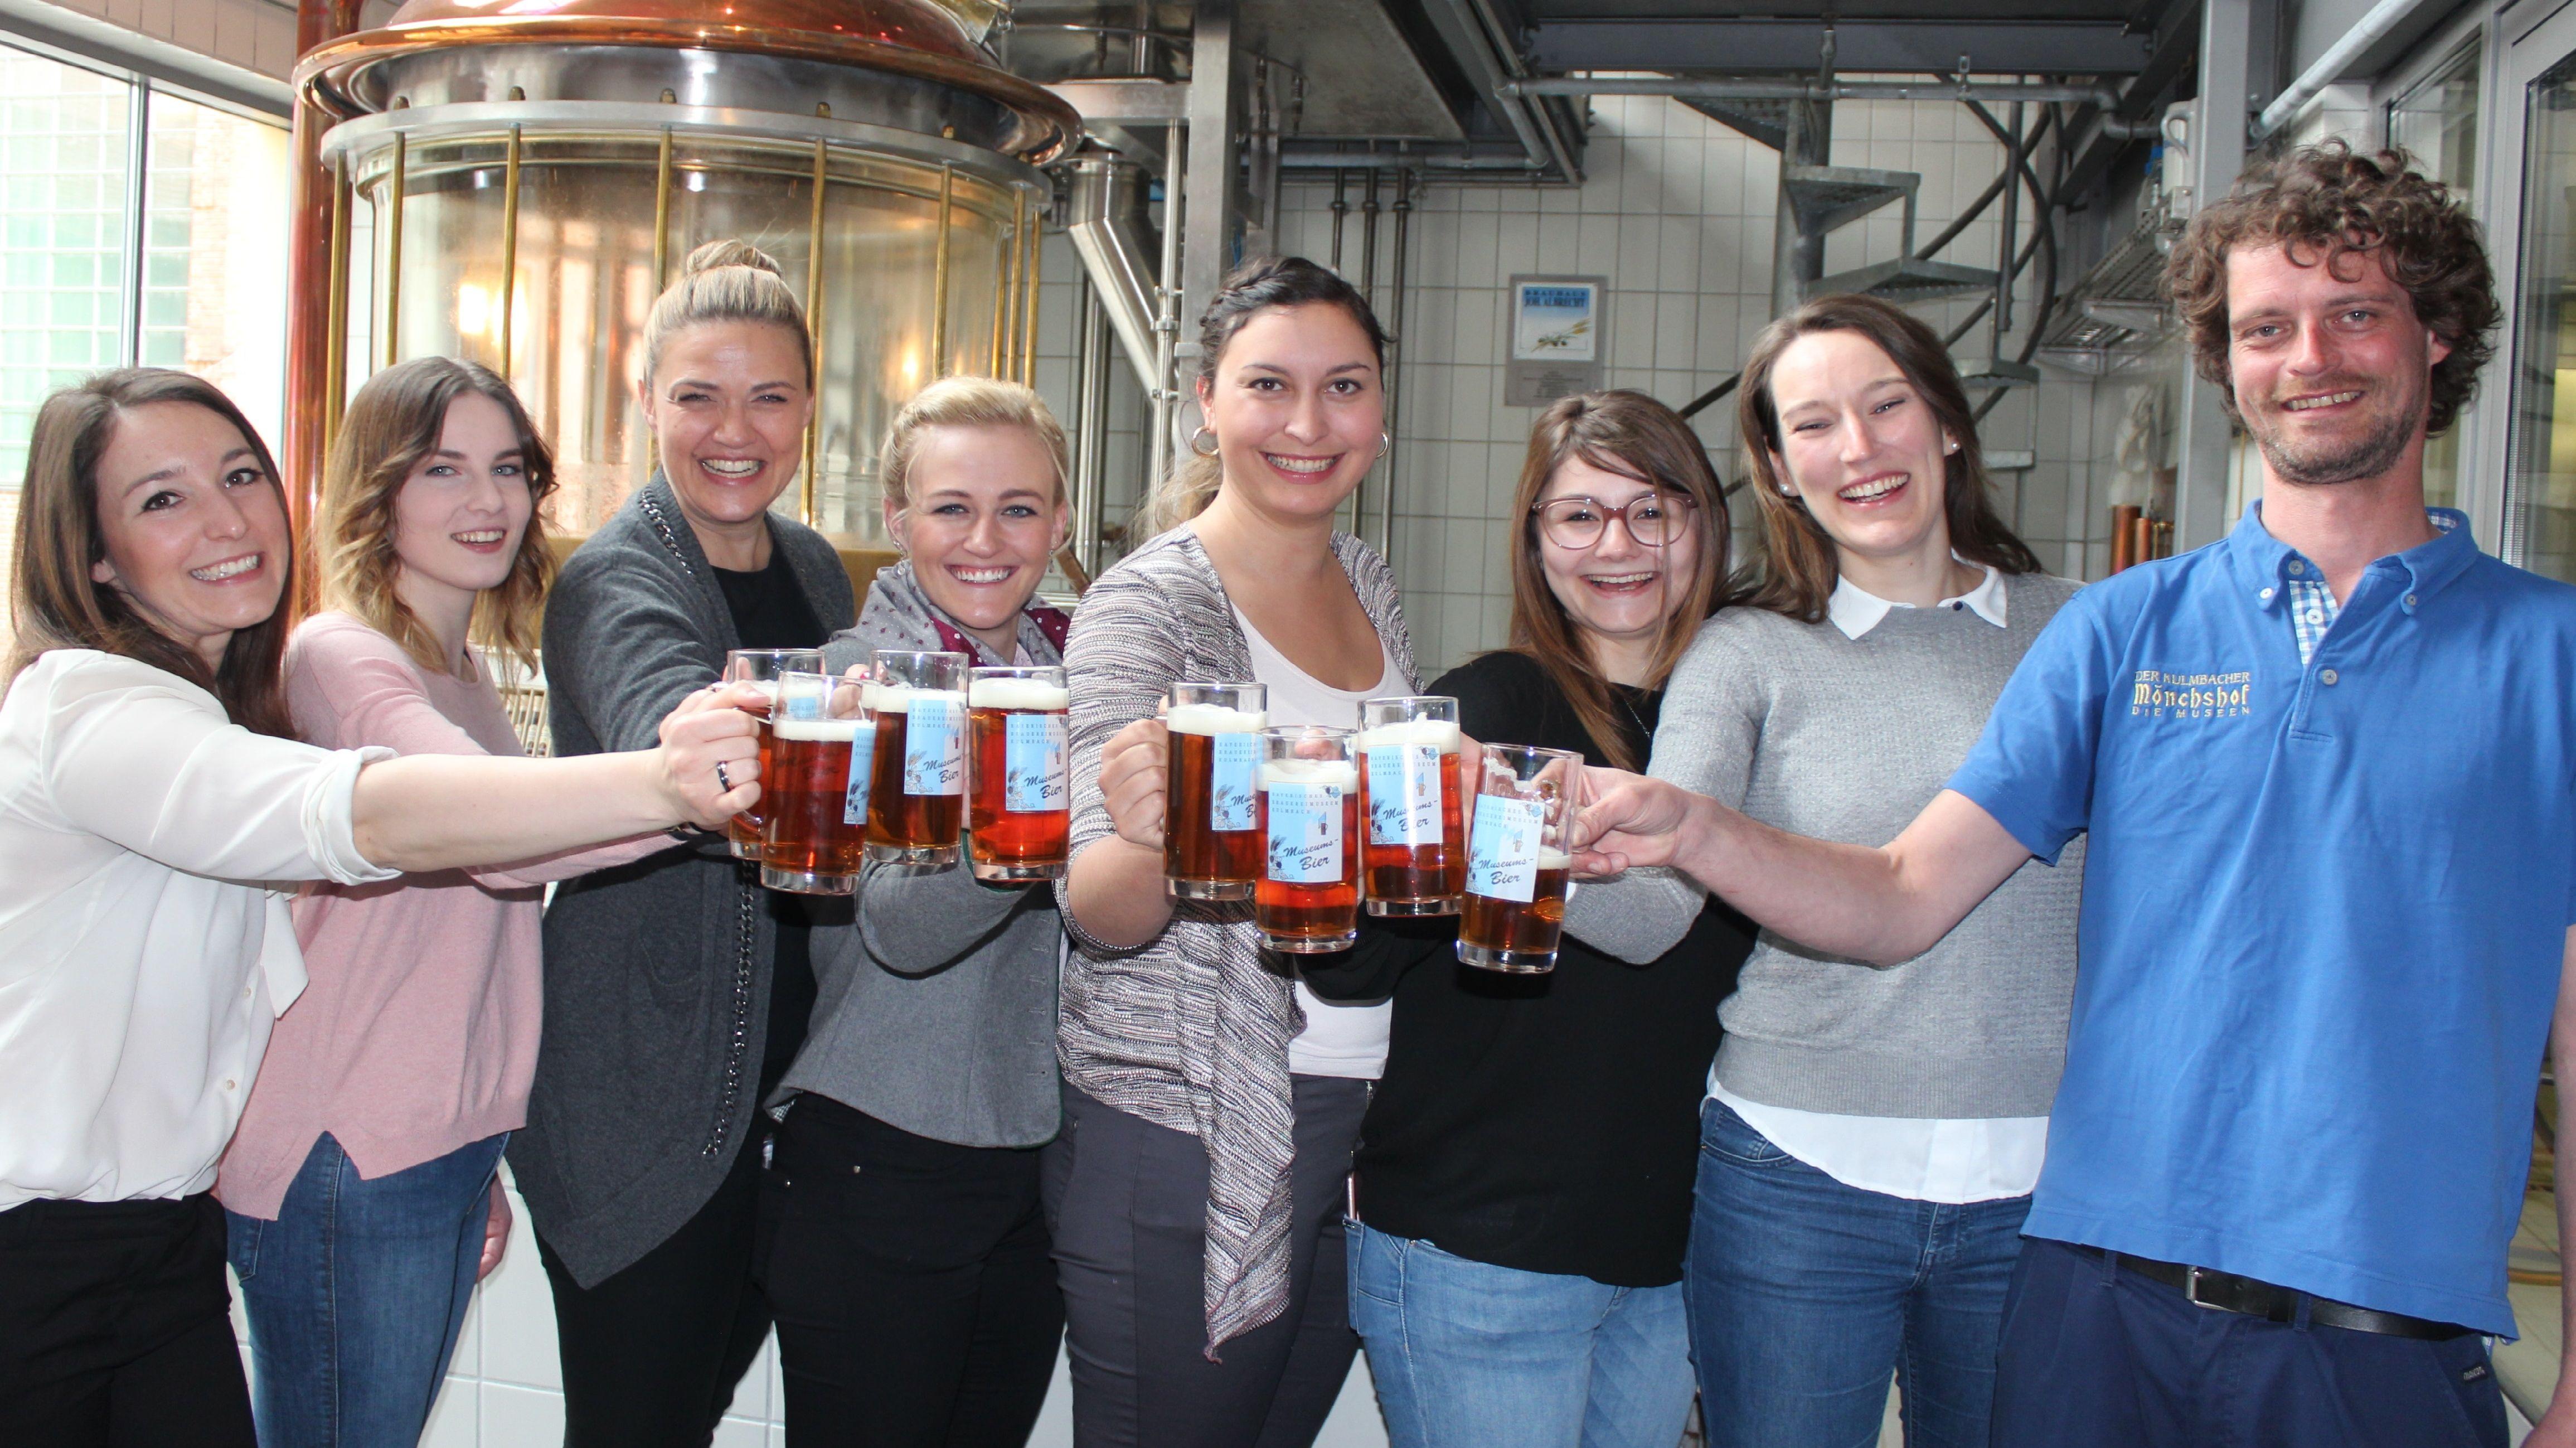 Sieben Frauen mit einem Bierkrug in der Hand stoßen mit einem Braumeister an.